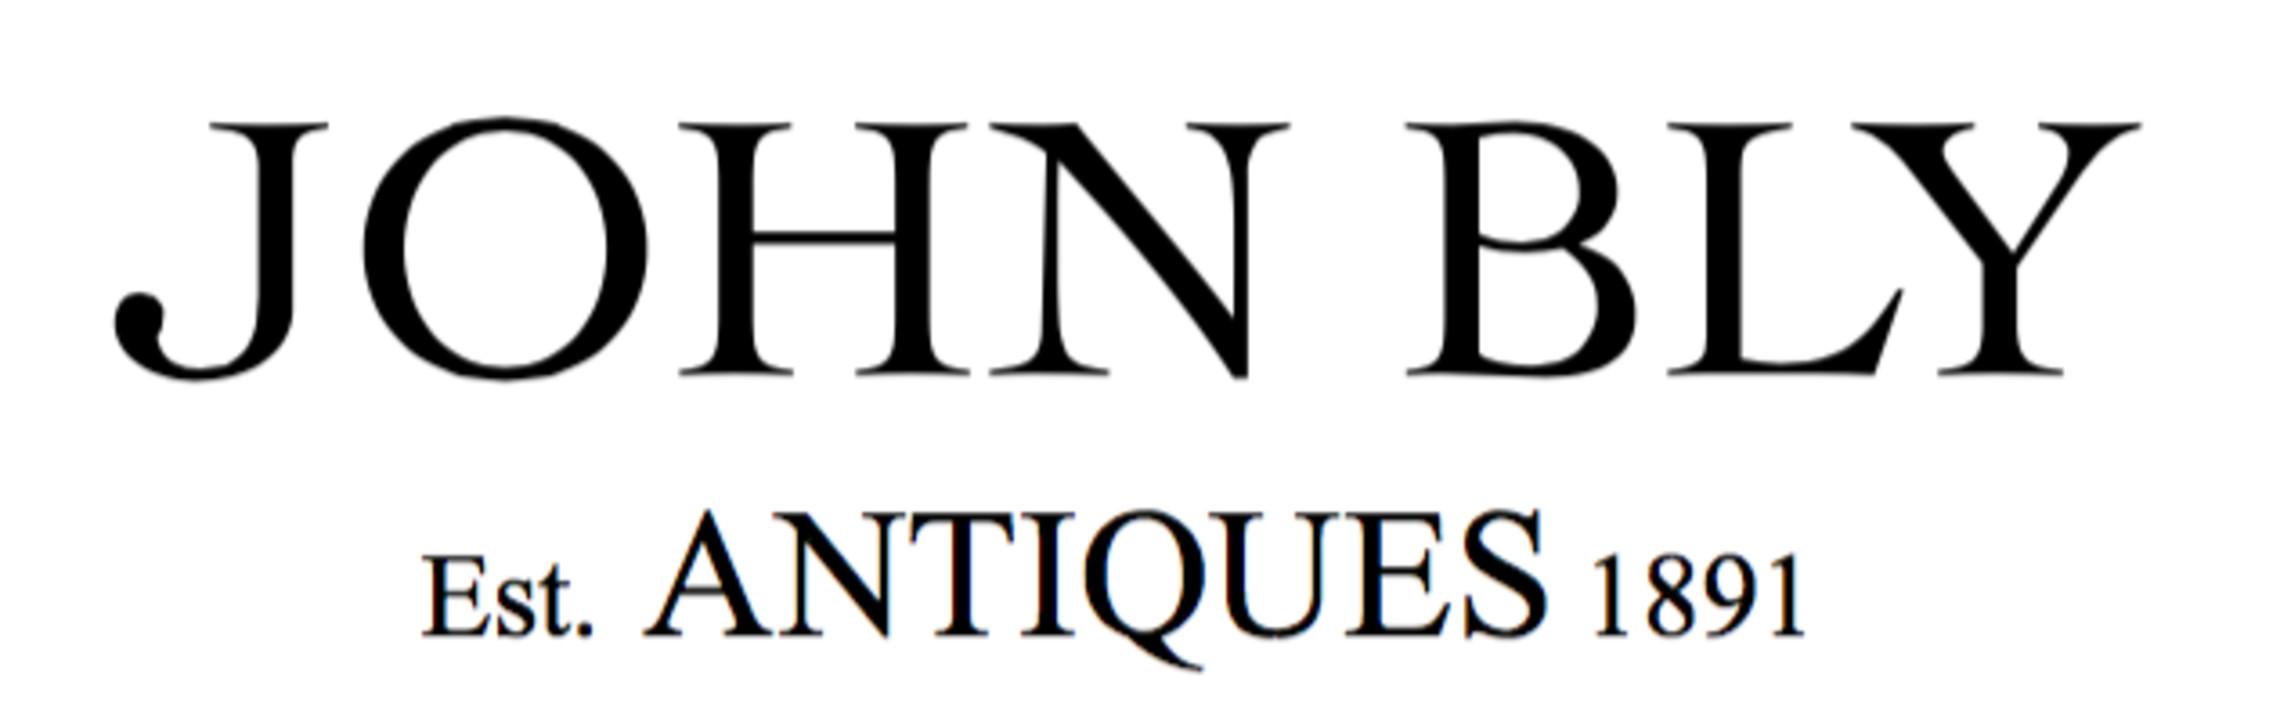 john bly antiques- company logo